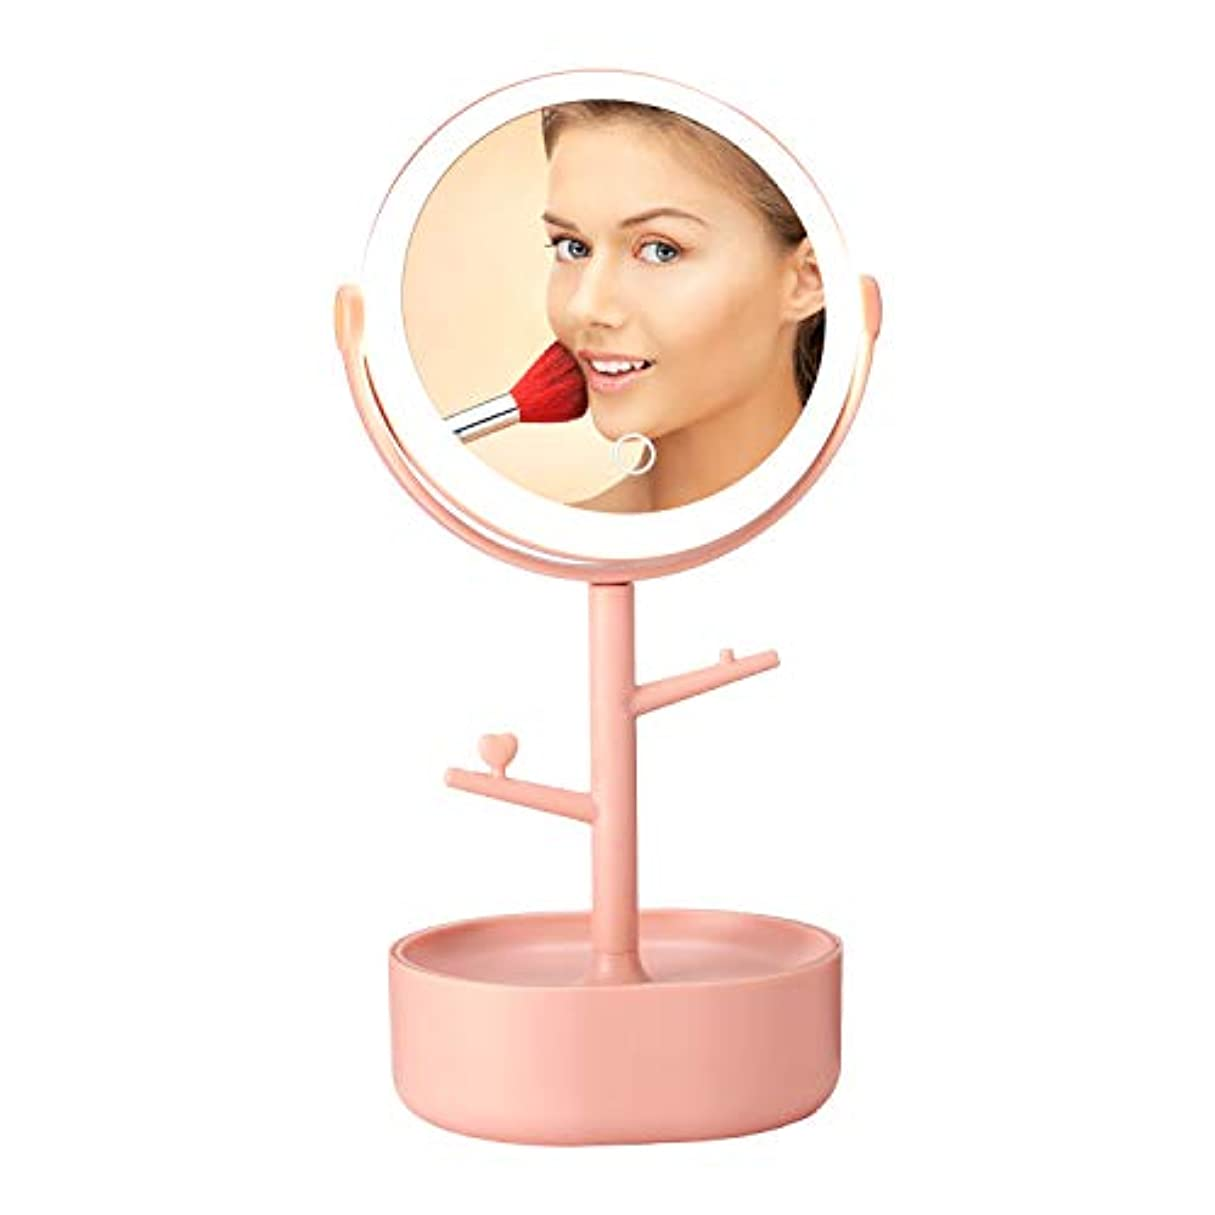 くつろぐ影響力のあるキャッシュLED化粧鏡 卓上ミラー 鏡 卓上鏡 収納ボックス付き 360度回転 充電式 サードギア明るさ調節可 USB給電 (ピンク)